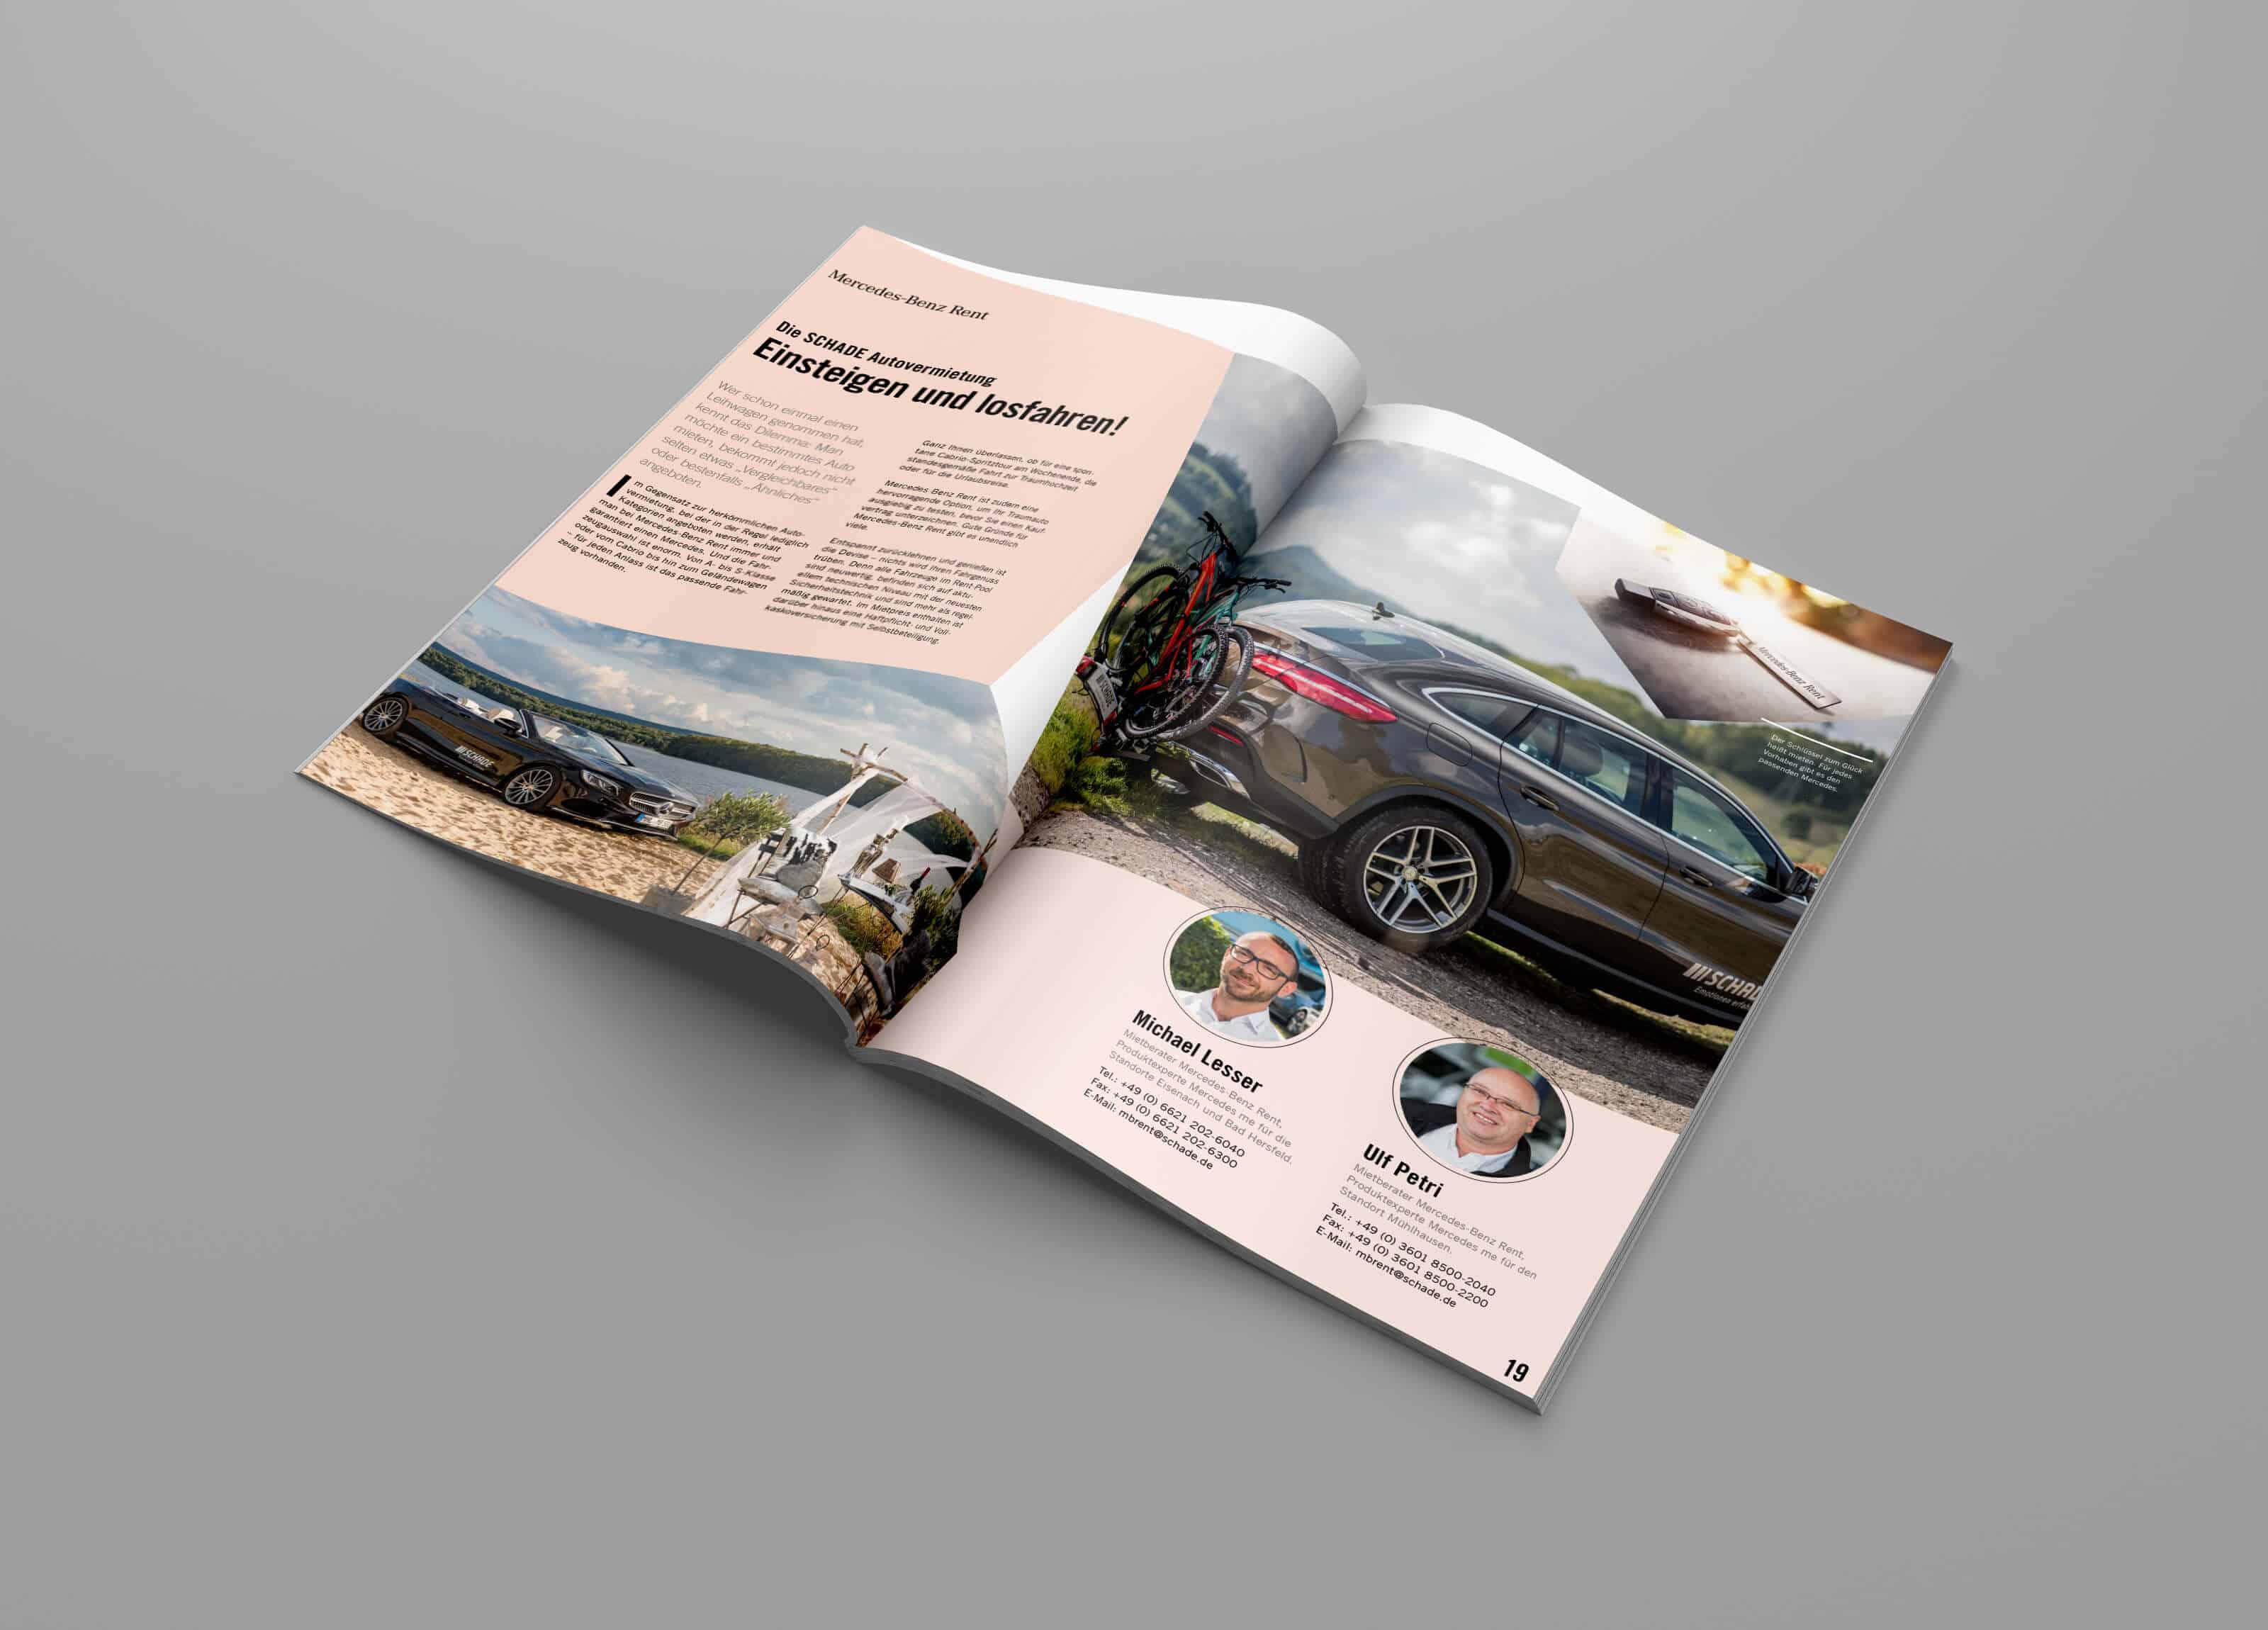 Schade-Kundenmagazin-5-referenz-klassische-werbung